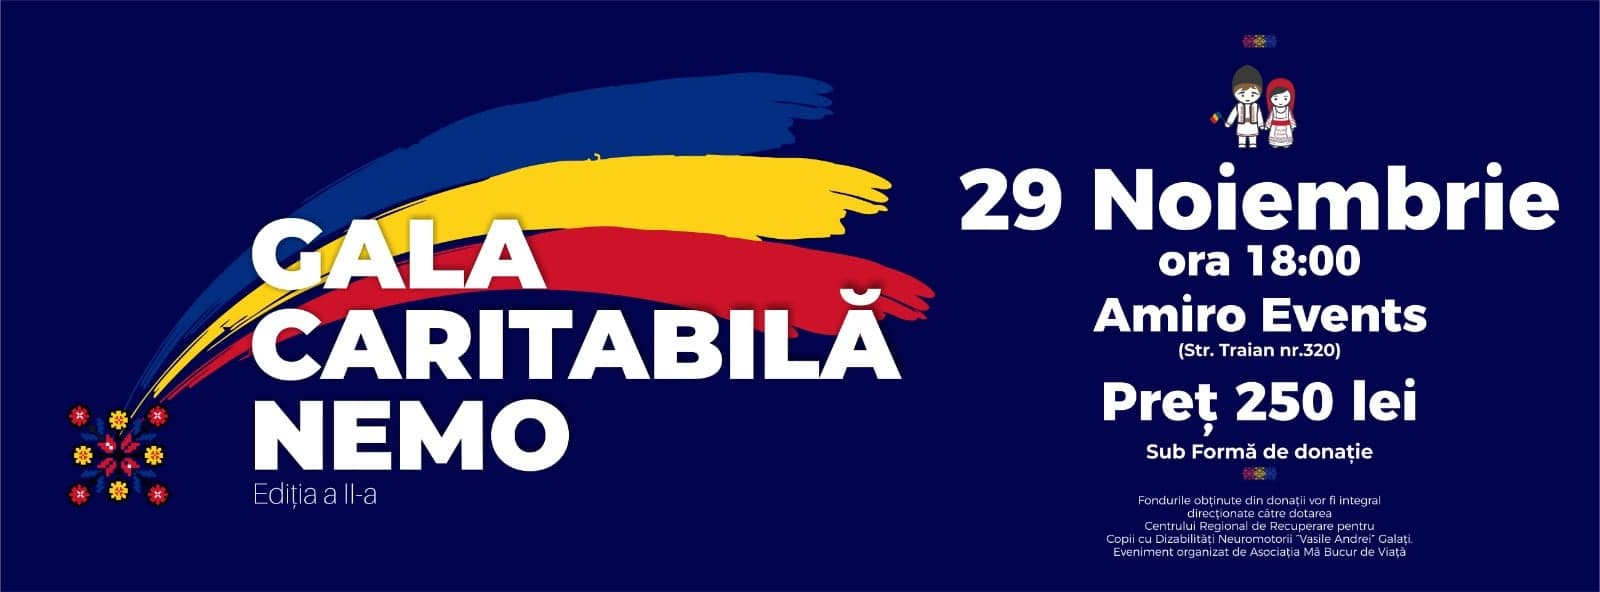 Asociatia Mă Bucur De Viață organizează Gala Caritabilă NEMO ediția a II a